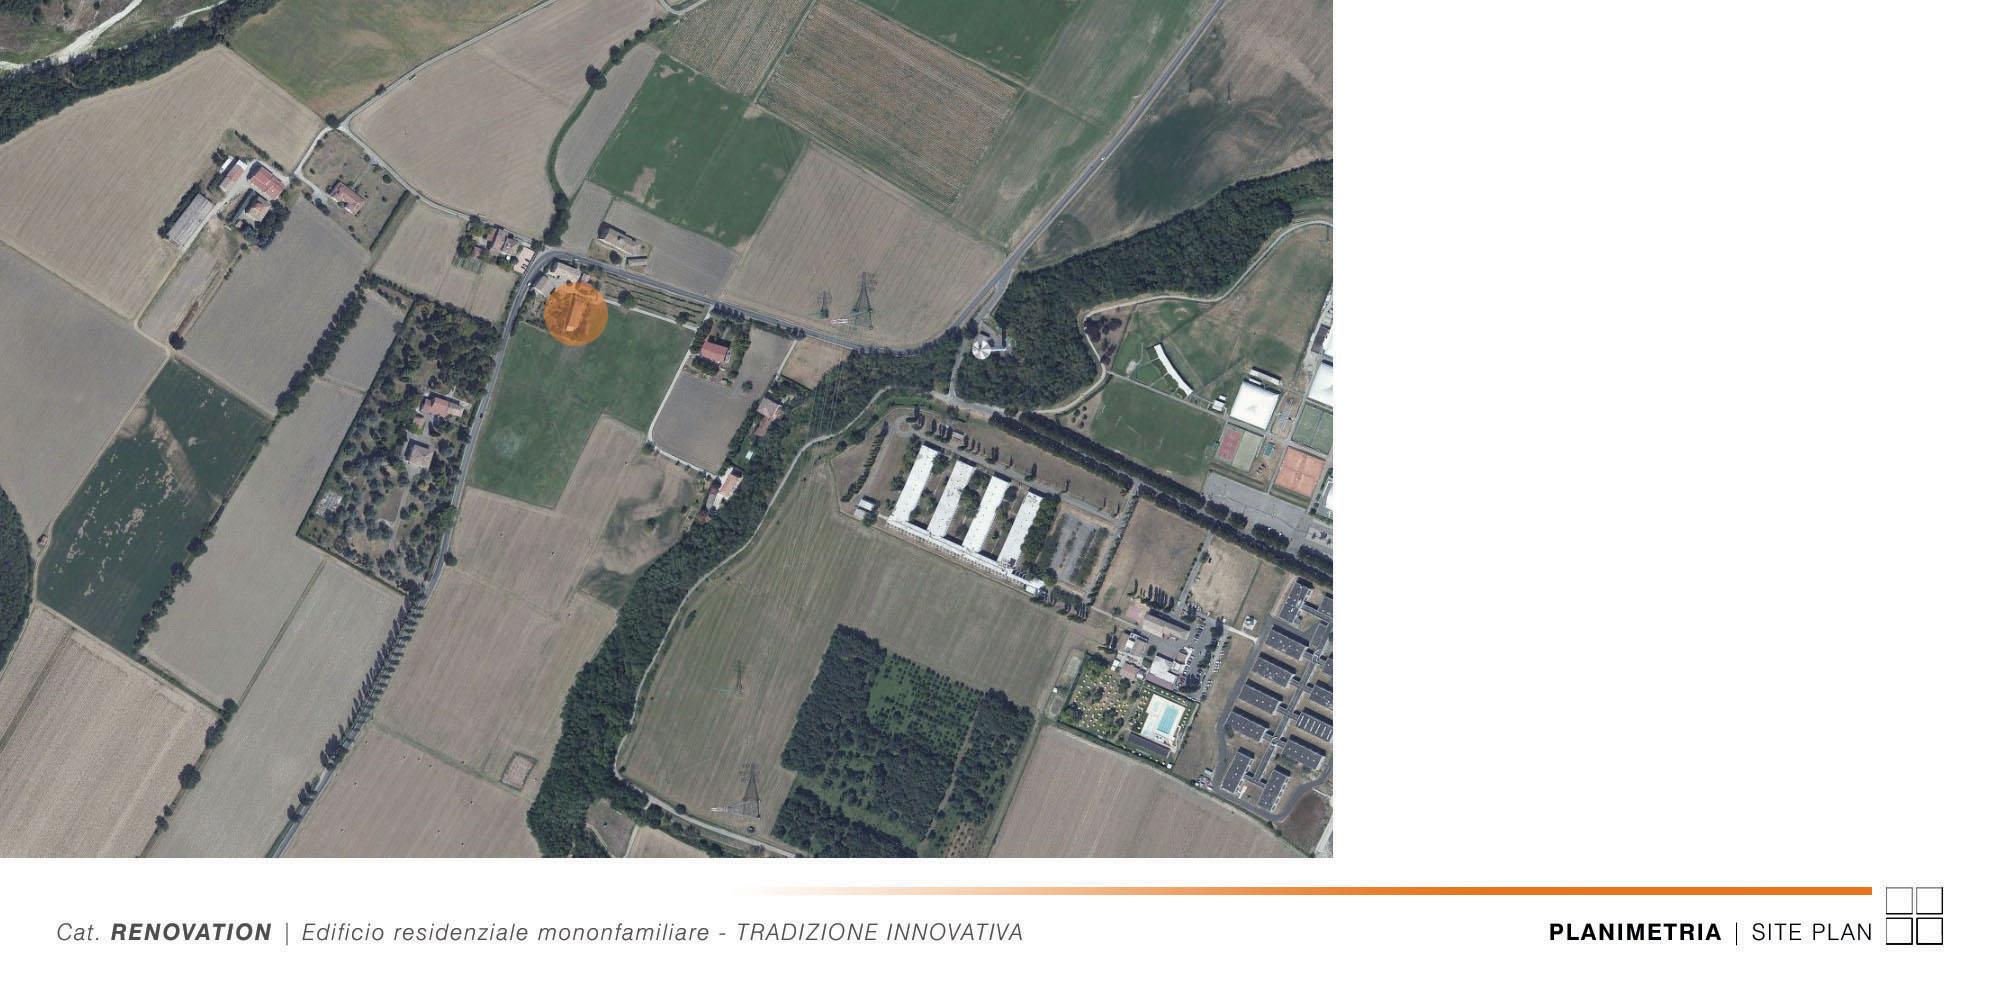 Edificio Residenziale Monofamiliare - TRADIZIONE INNOVATIVA - 001 - Site Plan }